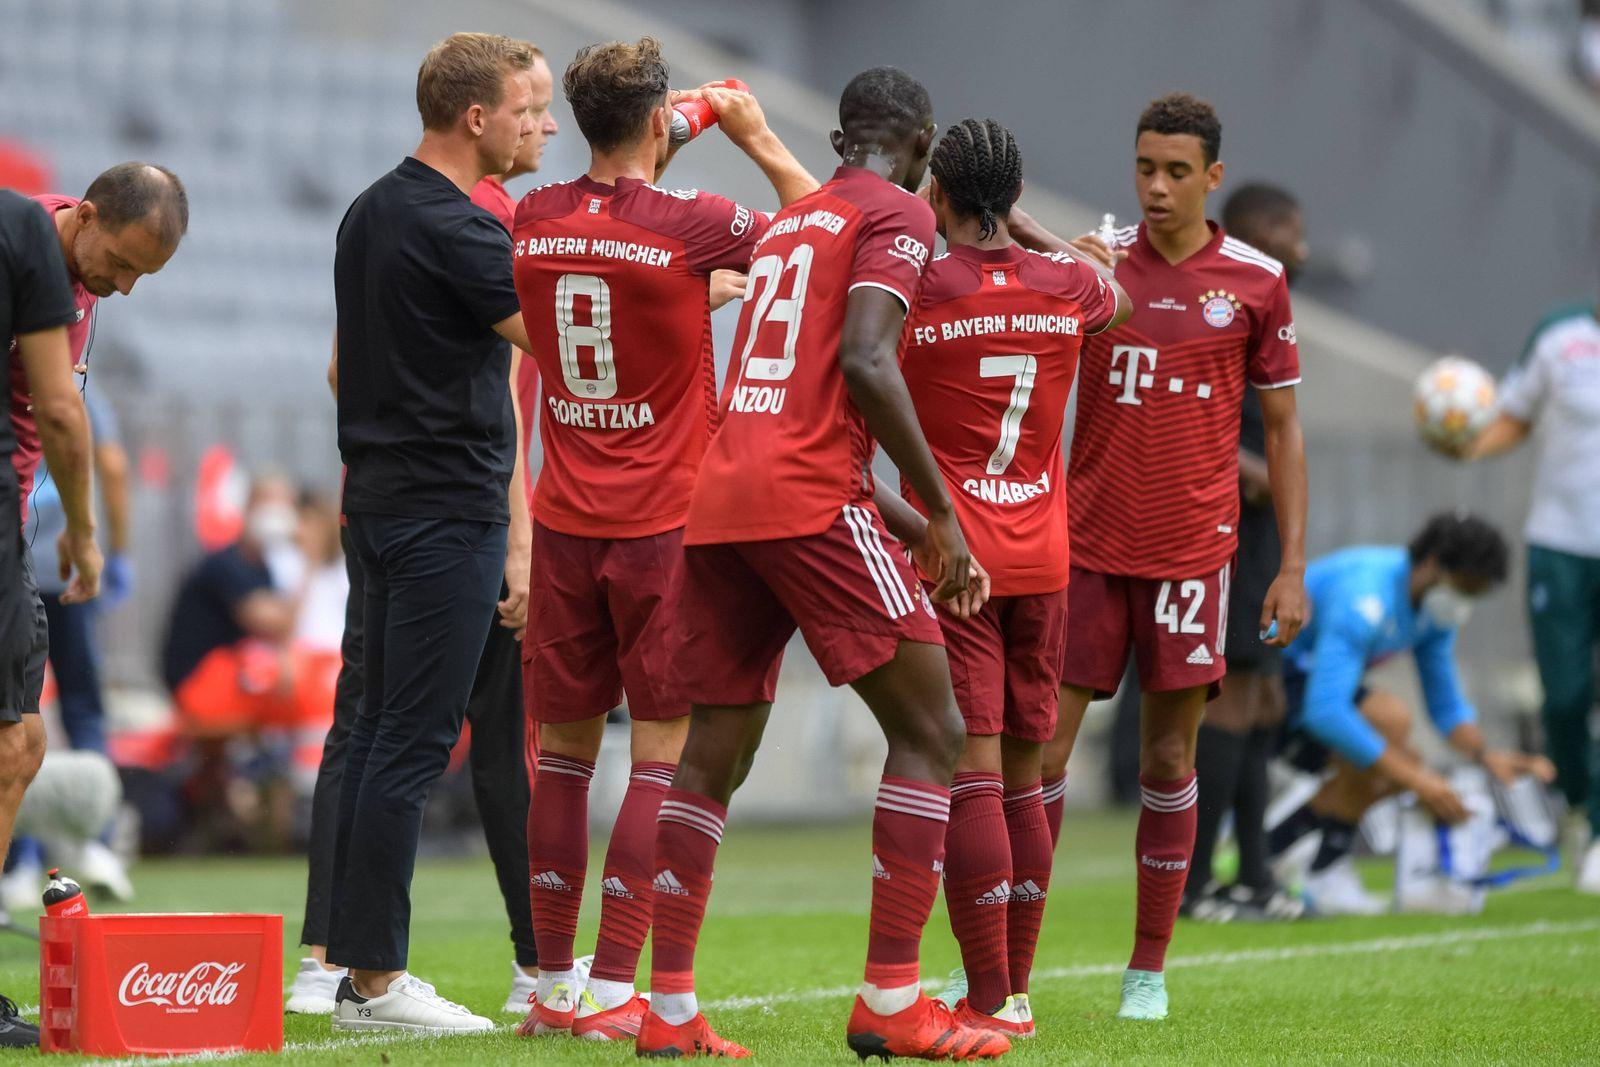 Fußball, Freundschaftsspiel, FC Bayern München - SSC Neapel. Im Bild Trainer des FC Bayern München Julian NAGELSMANN Tri